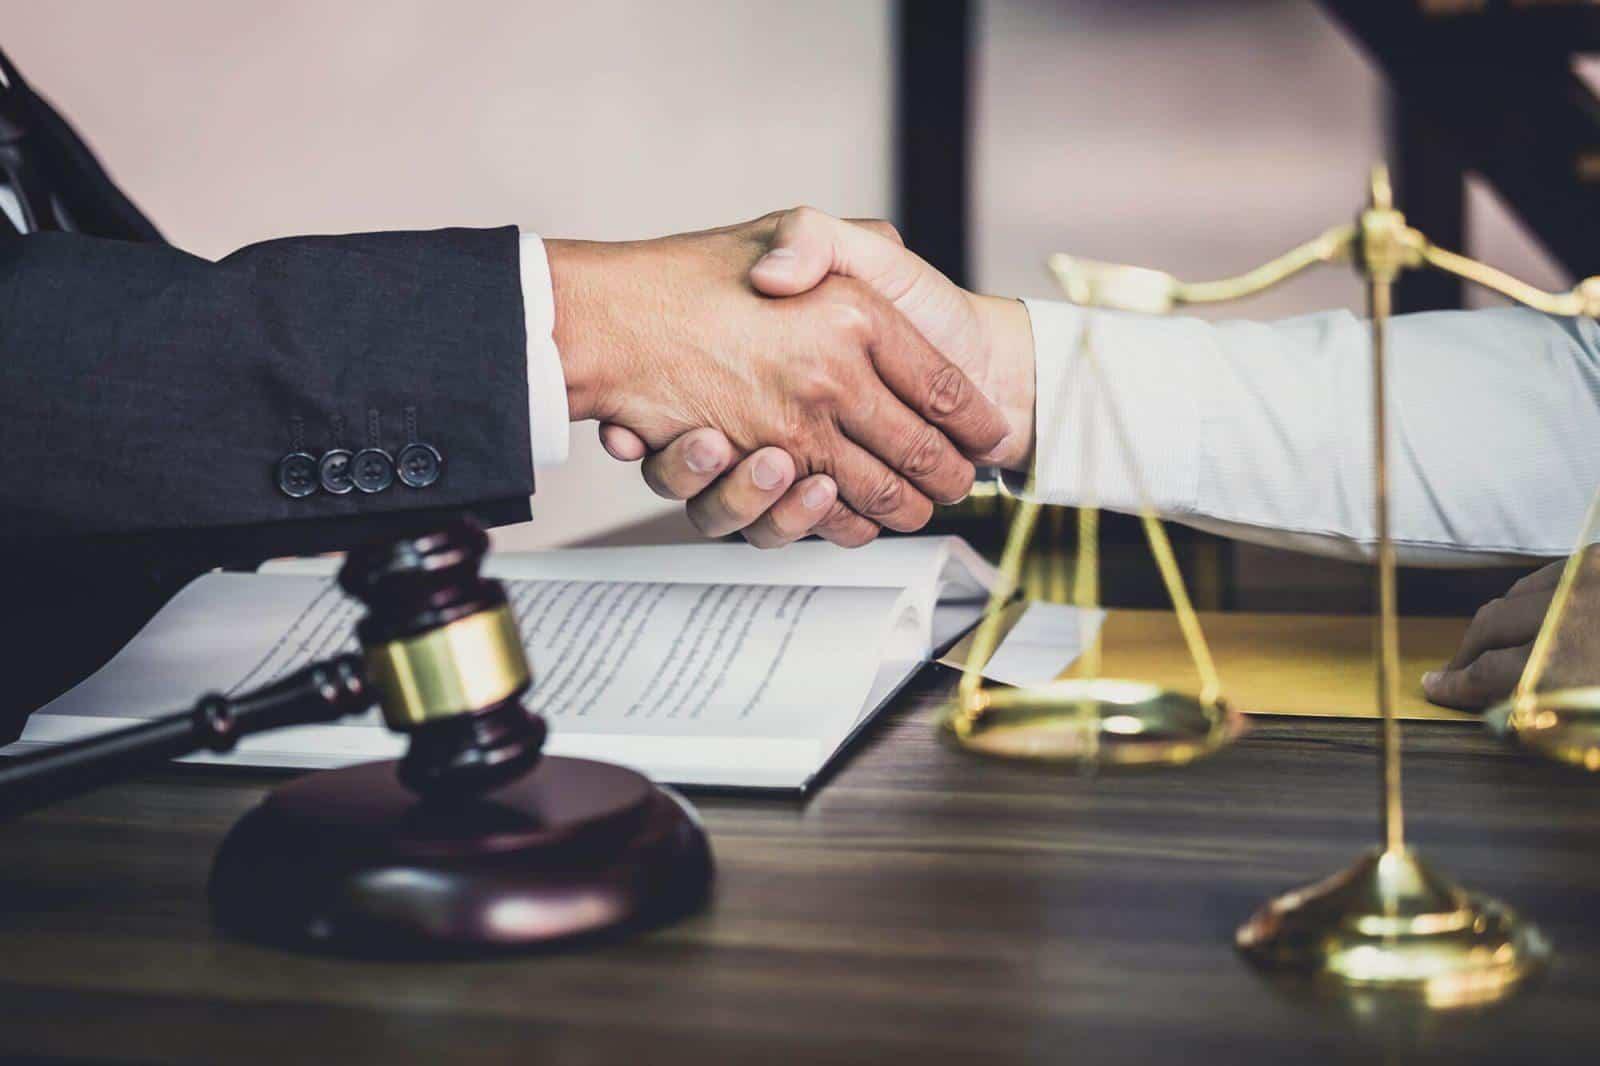 עורך דין מומלץ רשלנות רפואית שמואל קשיוב